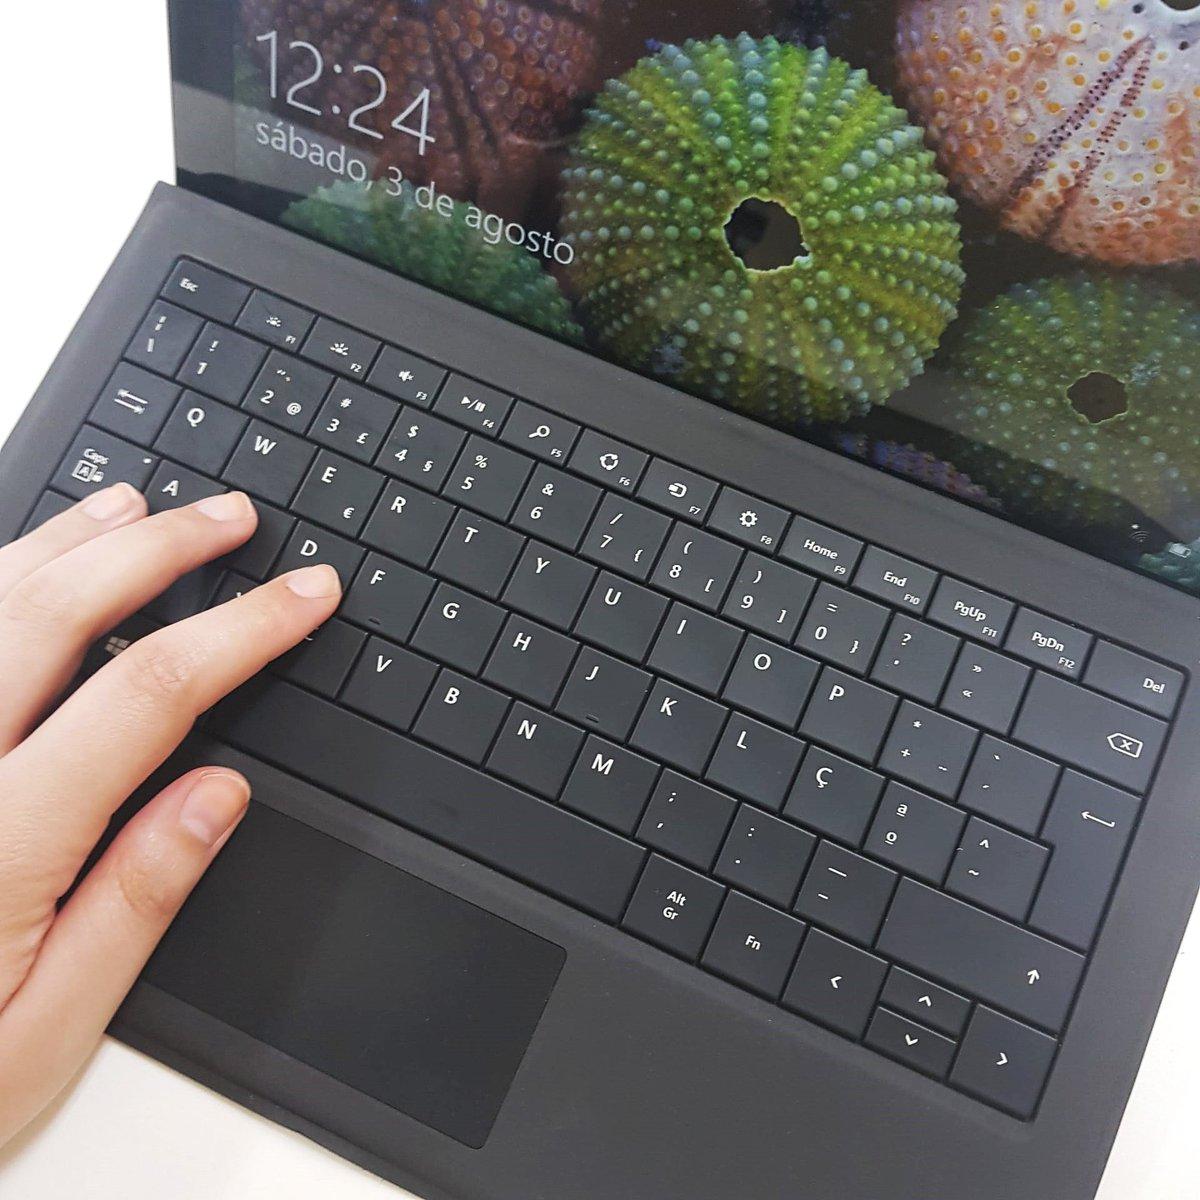 Se o teu Surface Pro 3 deixou de reconhecer o teclado, nós podemos ajudar.   Consegue um orçamento grátis em https://zcu.io/w3Re | 244001251 | suporte@ptelemoveis.pt   #ptelemoveis #surfacepro3 #microsoftrepair pic.twitter.com/3ER2FCNFUs